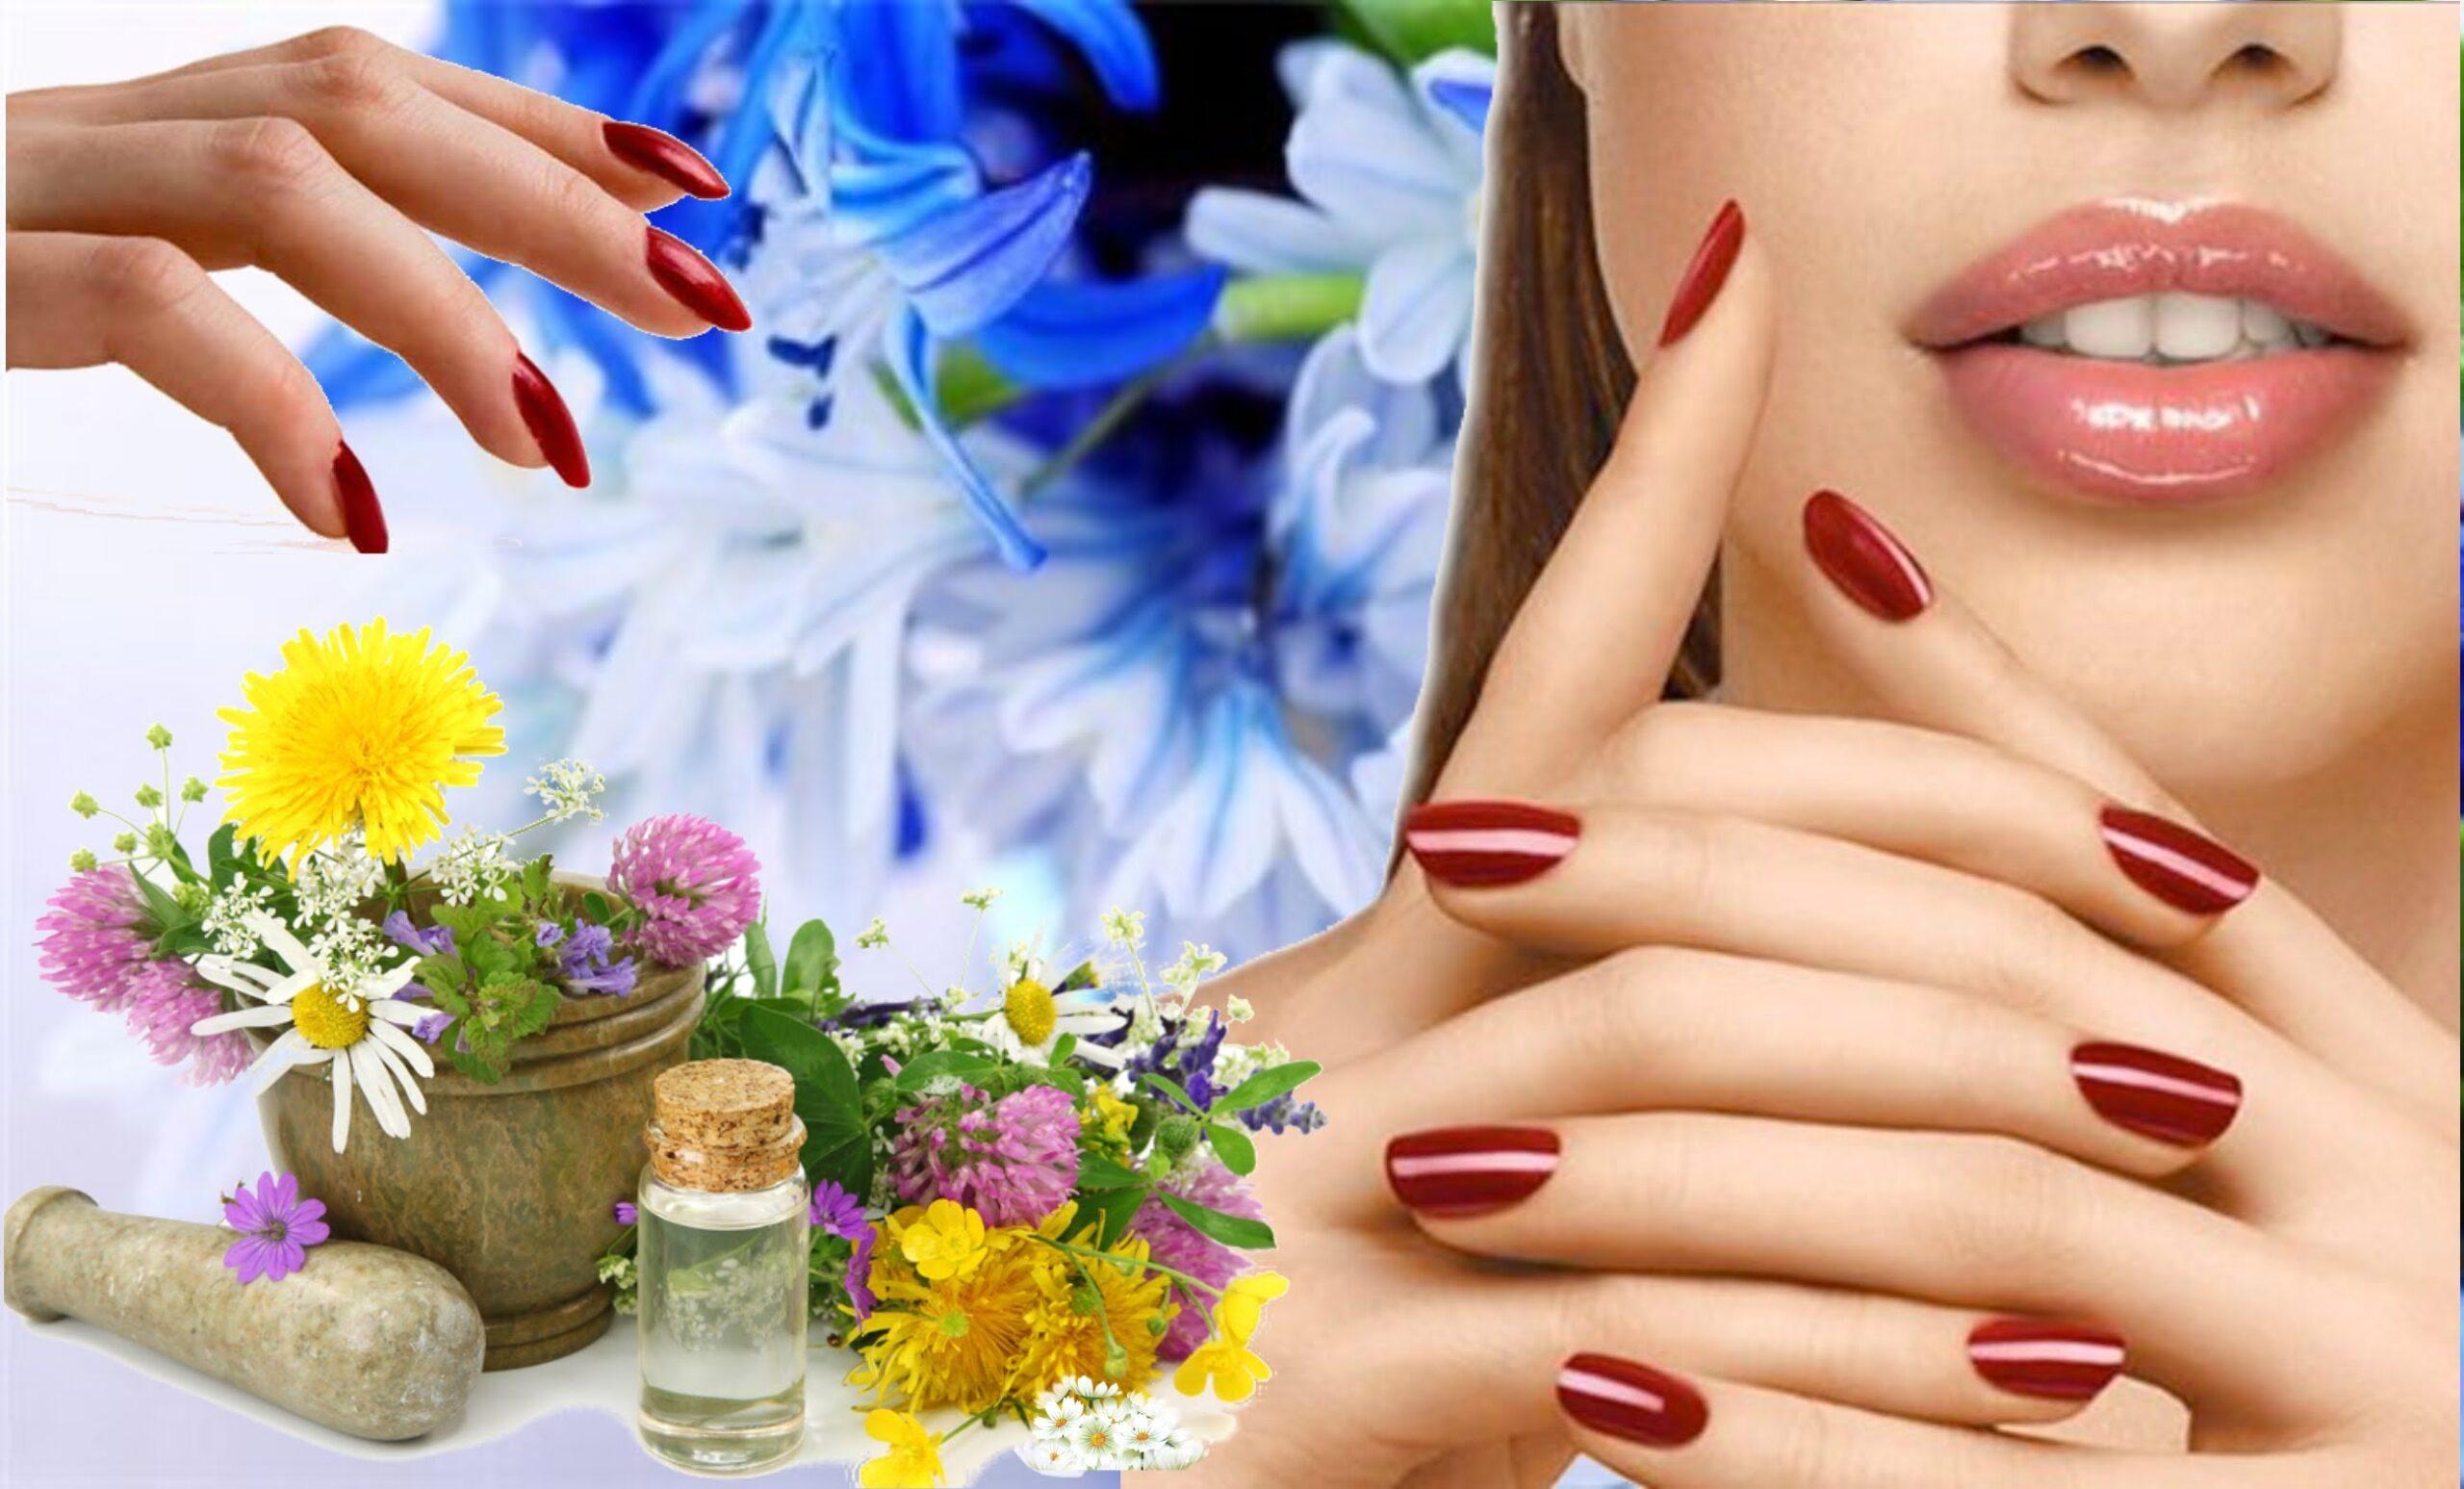 Metode naturiste de ingrijire a mainilor, recomandări de medicină tradițională